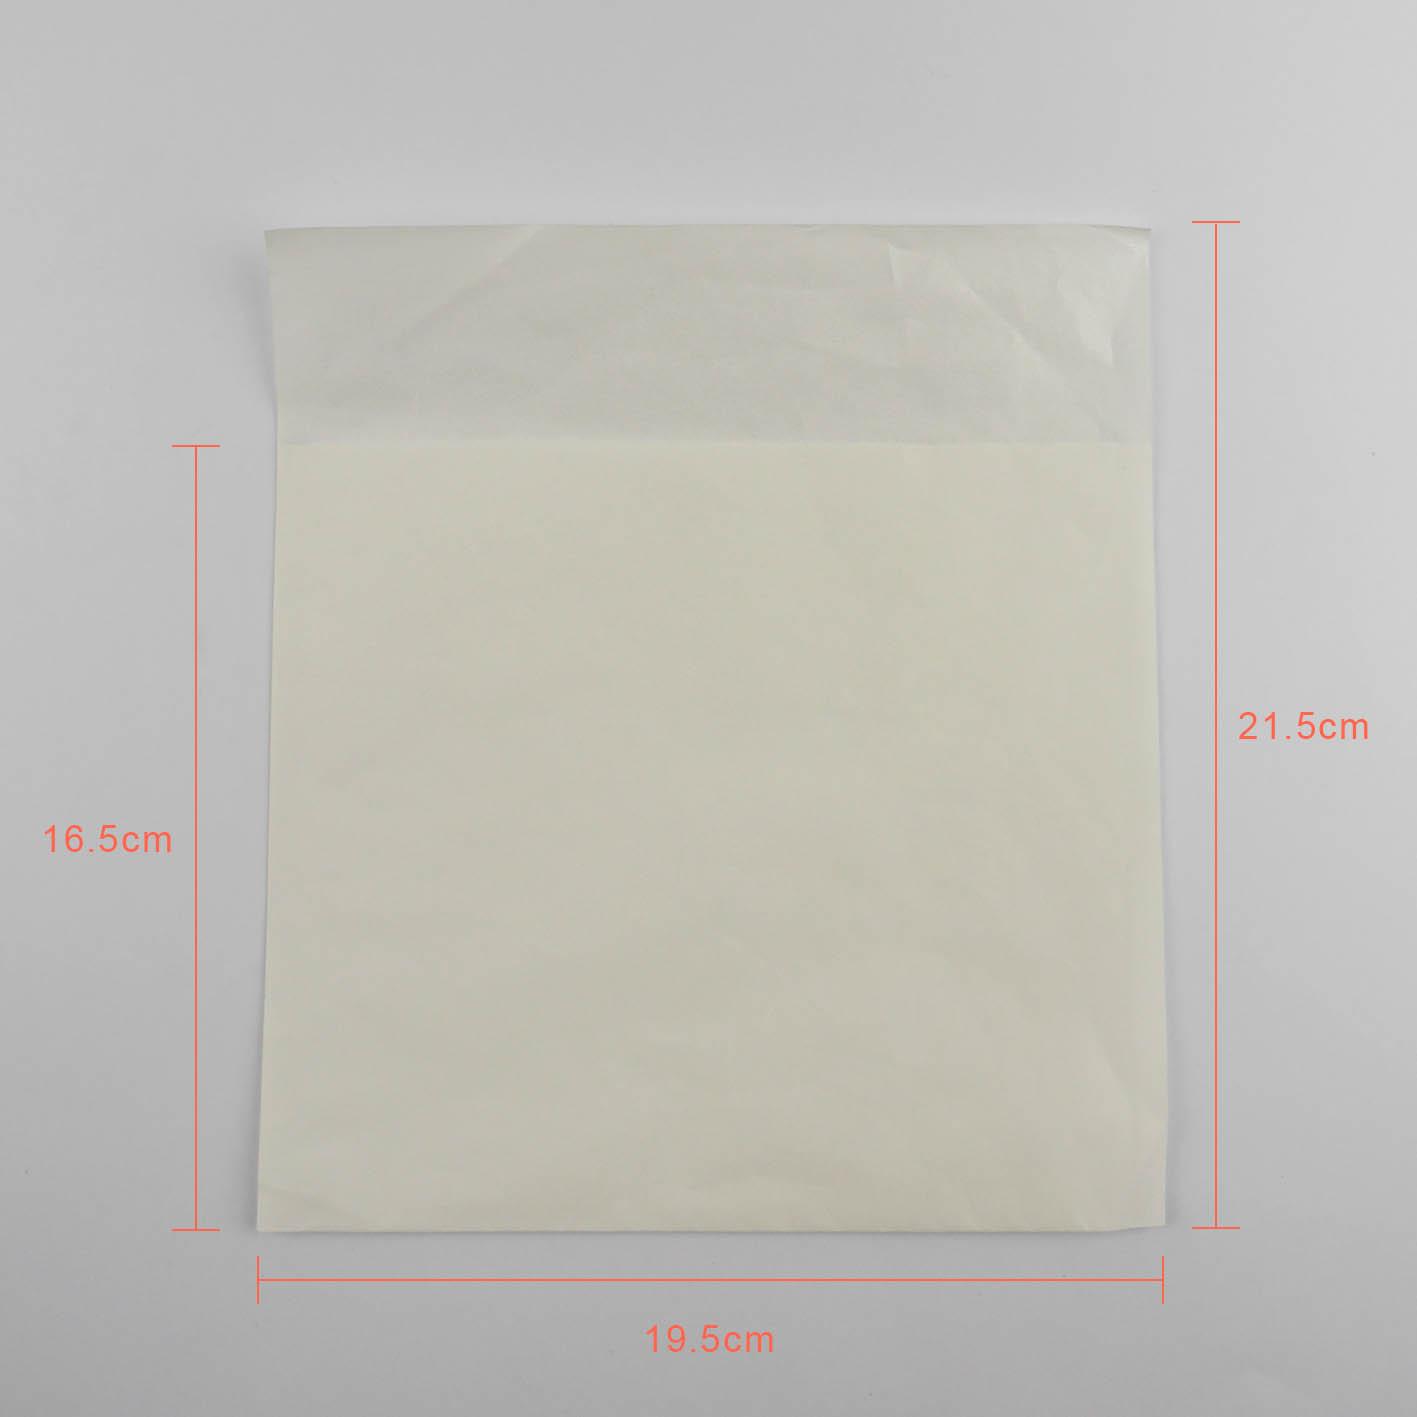 《袋袋相傳》A12 烘焙包裝-白色防油麵包袋1.jpg